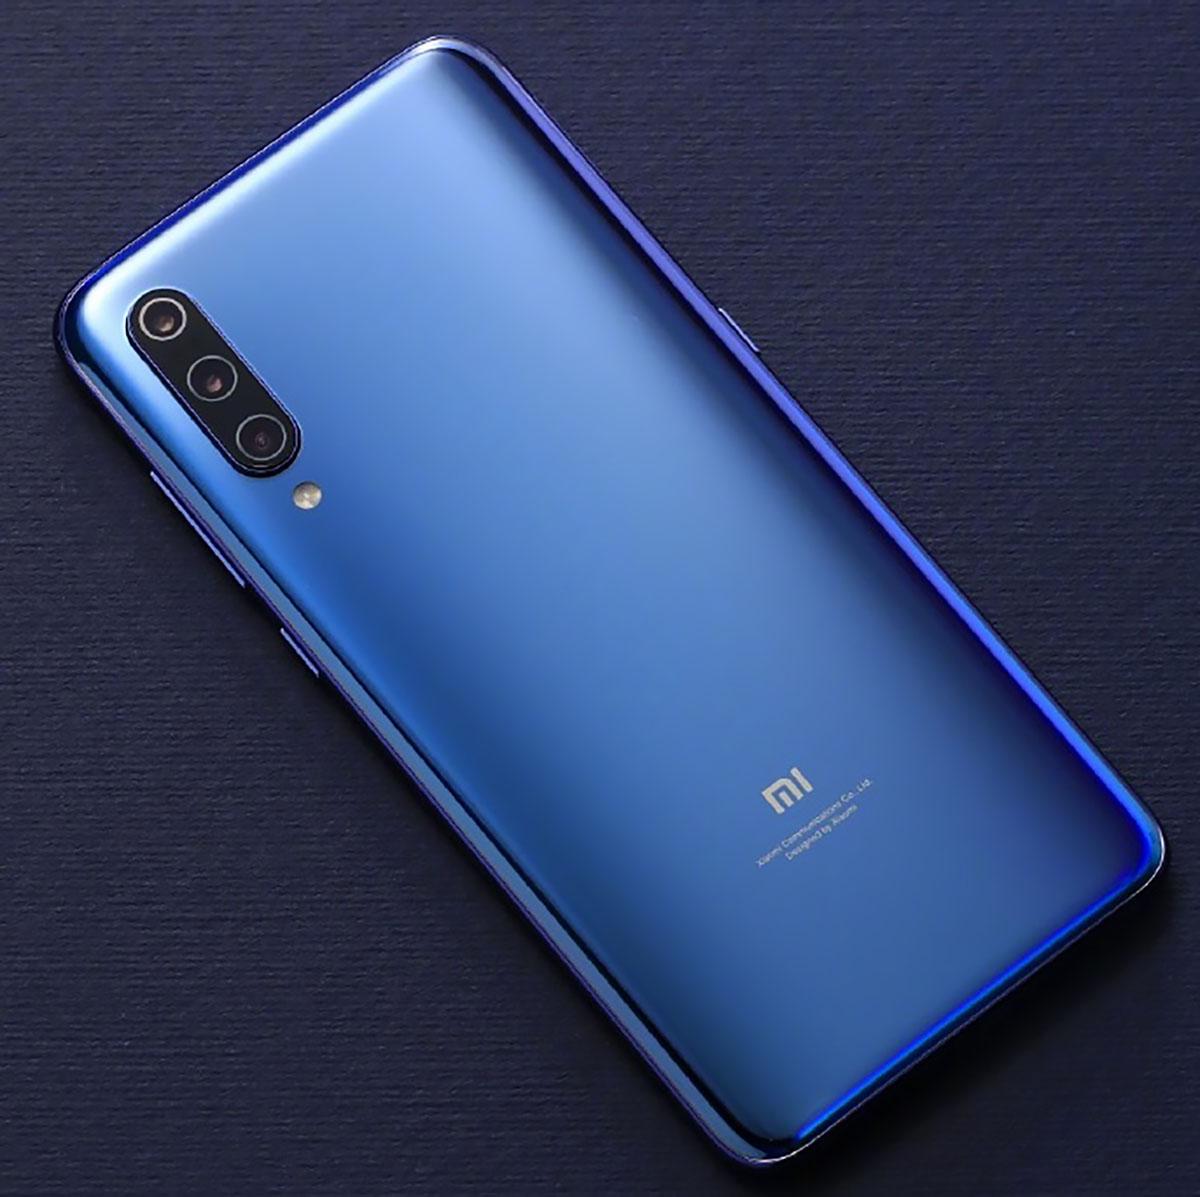 Xiaomi Mi 9 : voici les premières photos officielles du smartphone